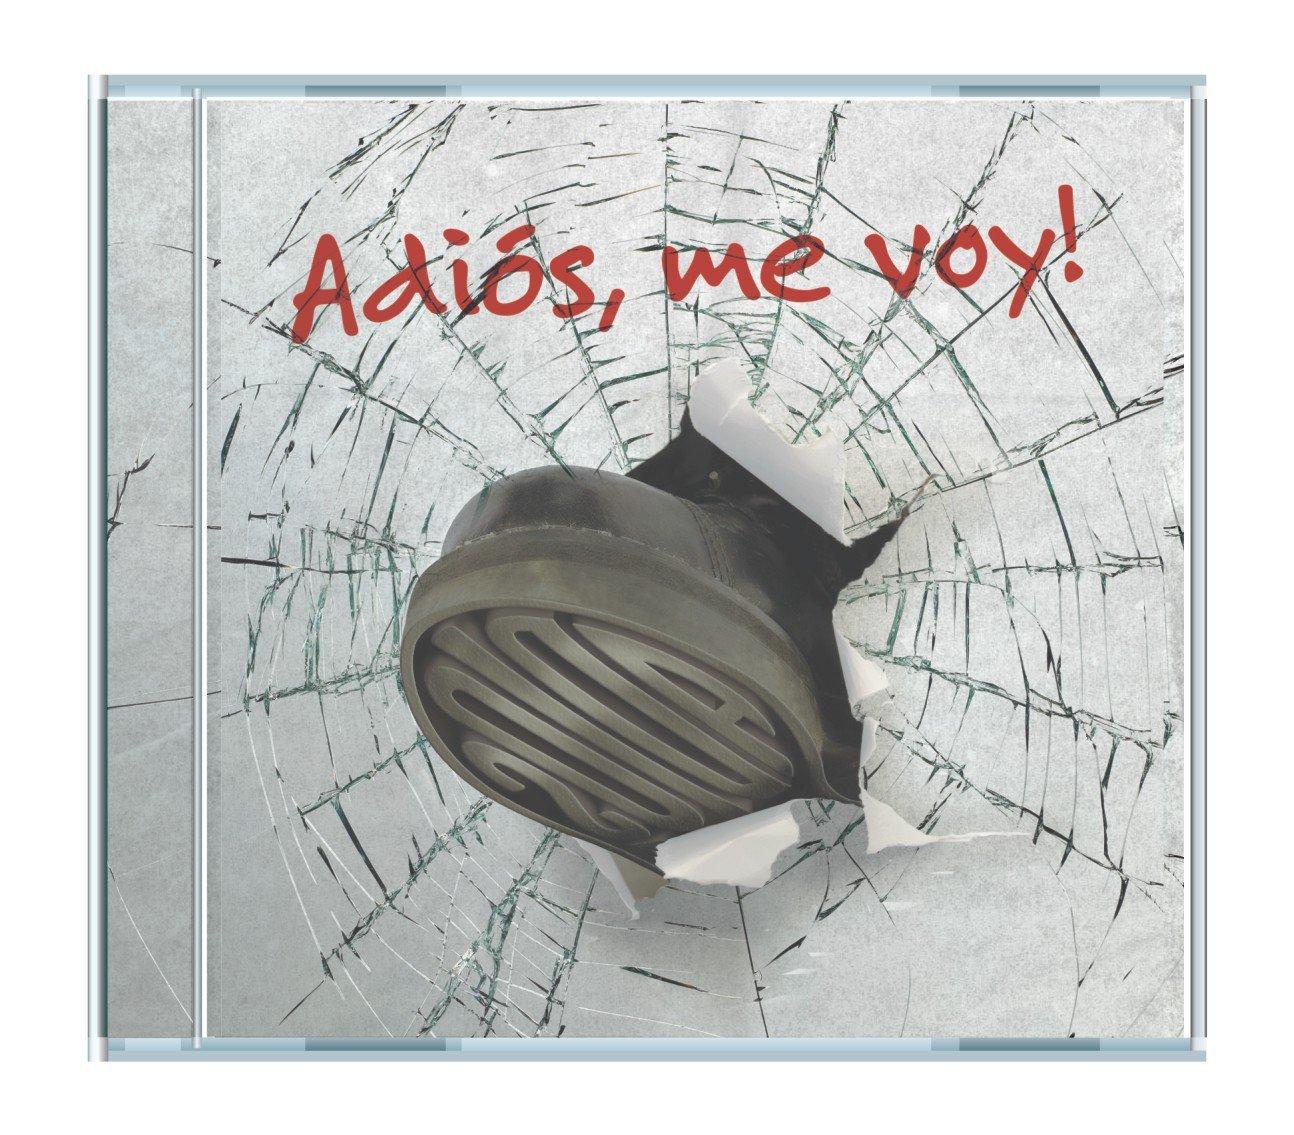 ADIOS, ME VOY! adios, me voy! CD 2011 POP ROCK